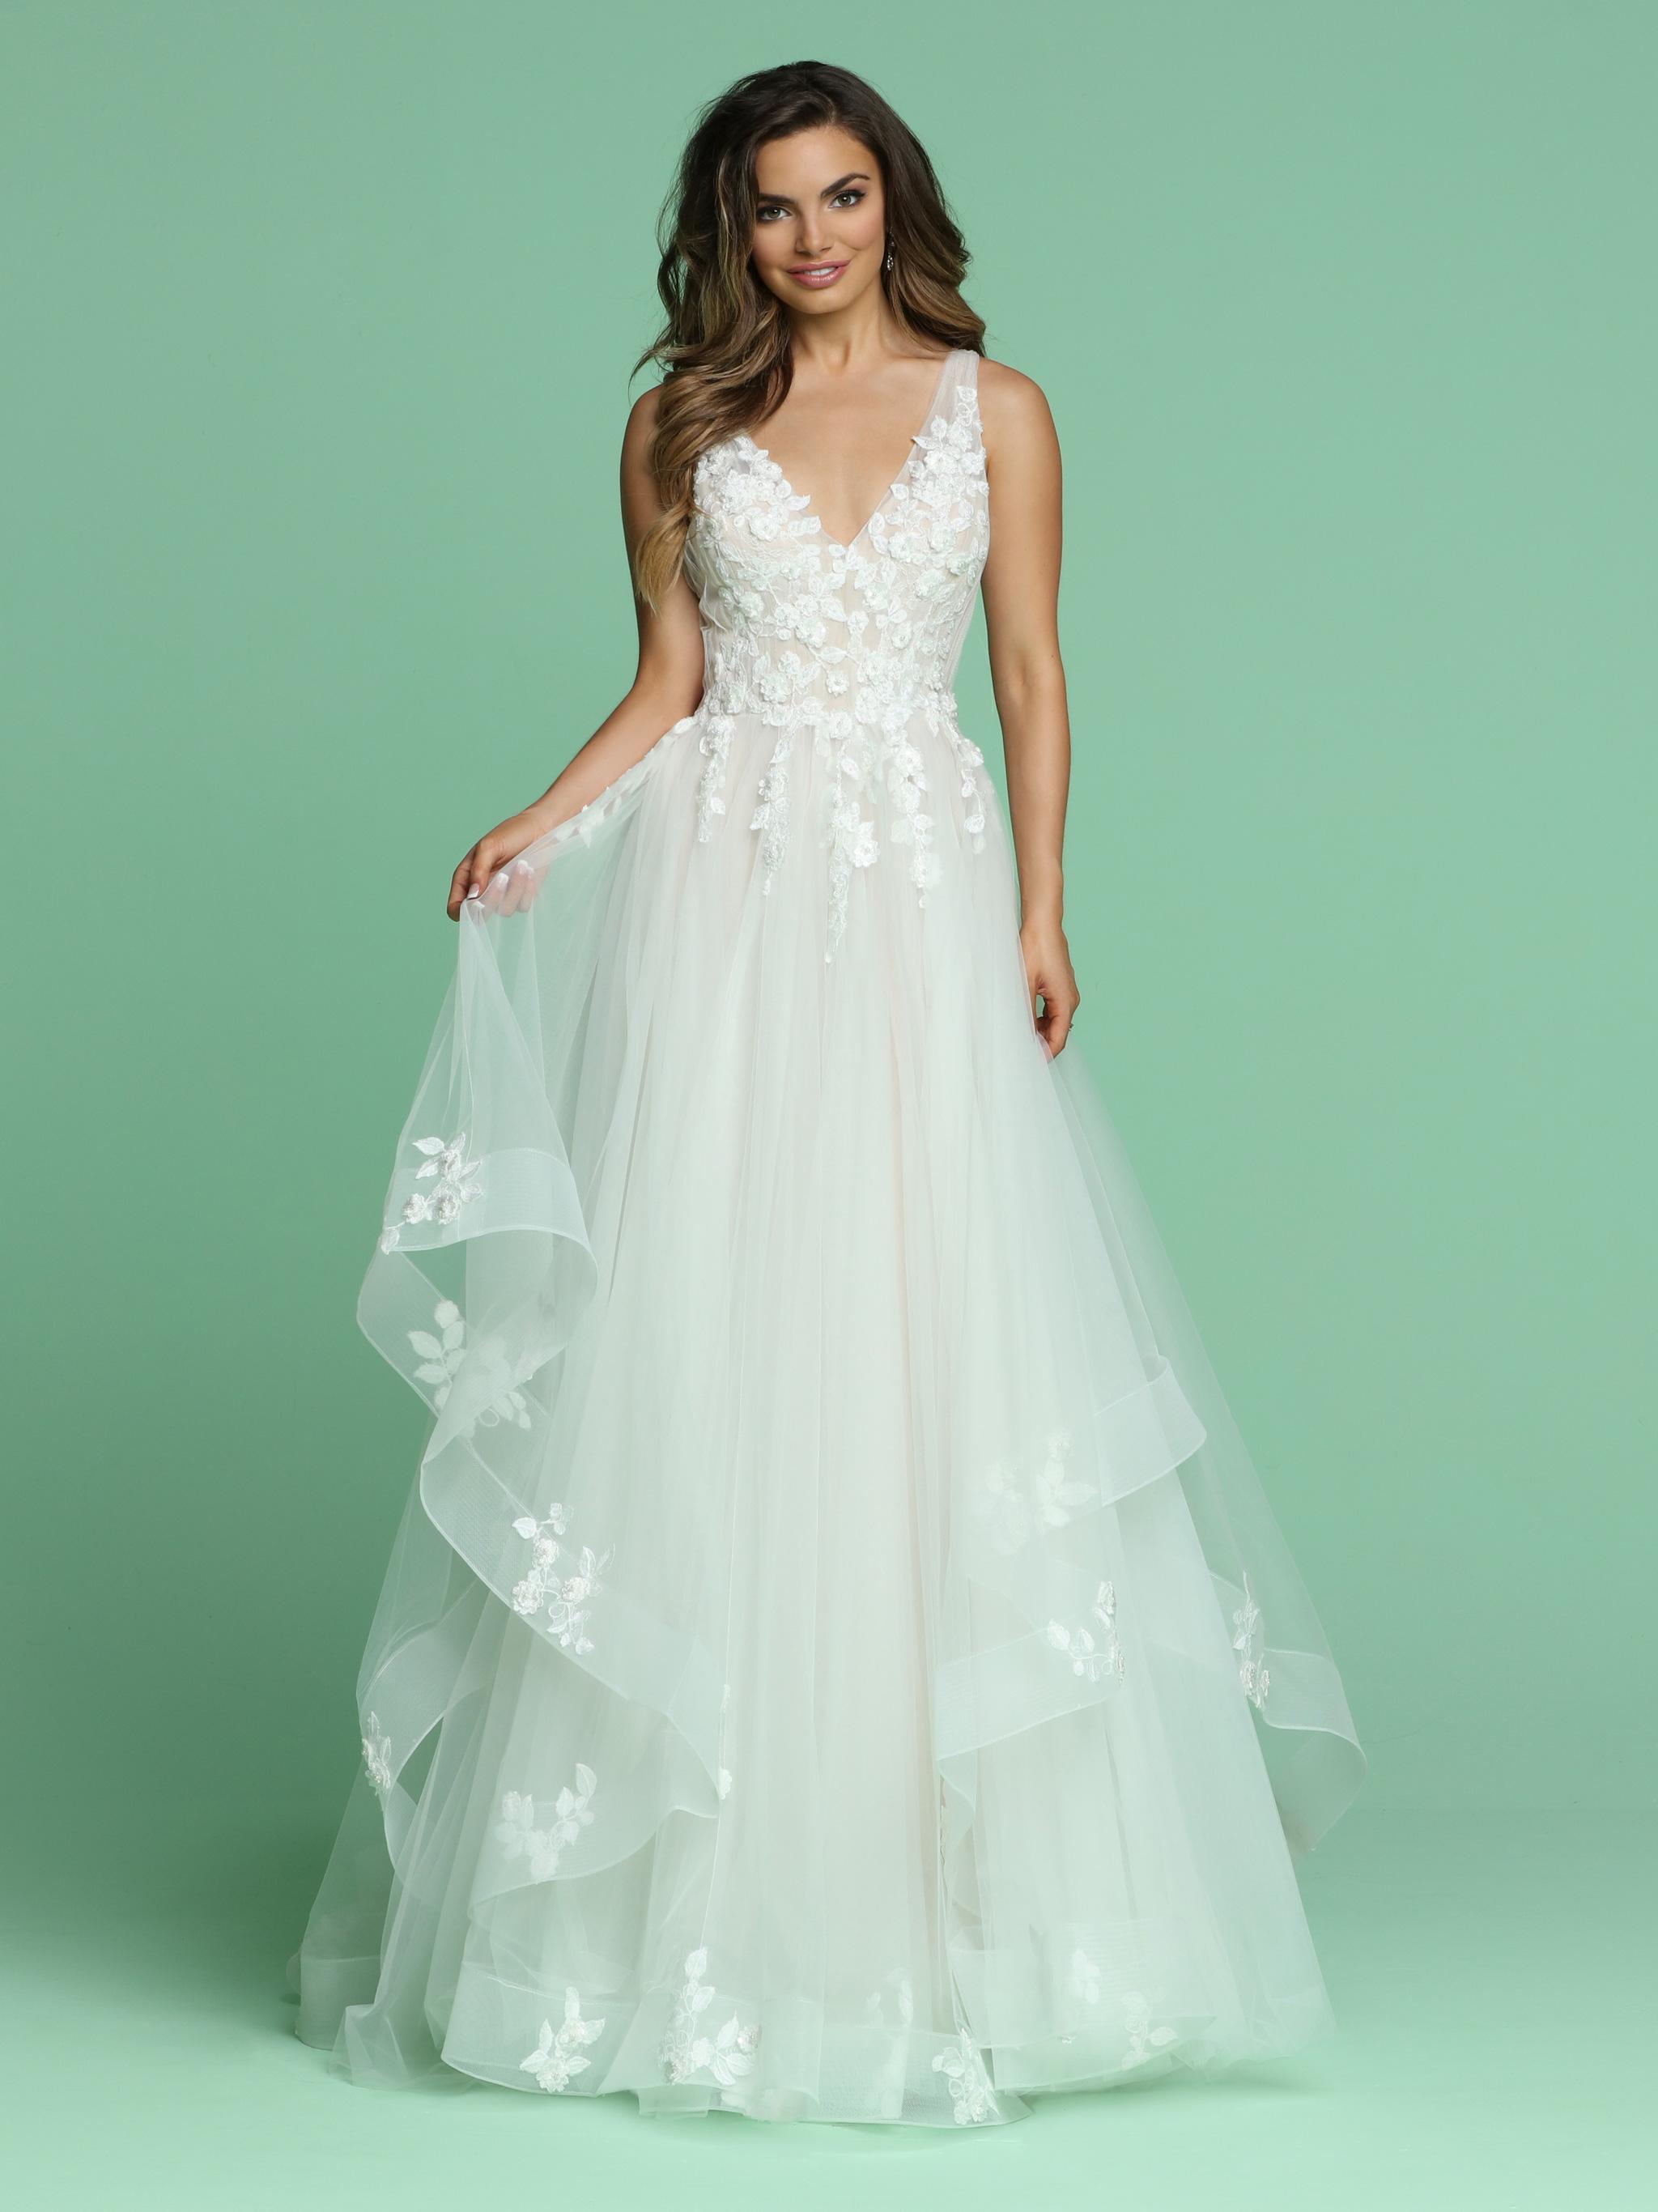 Ruffled Wedding Dresses Style #50601